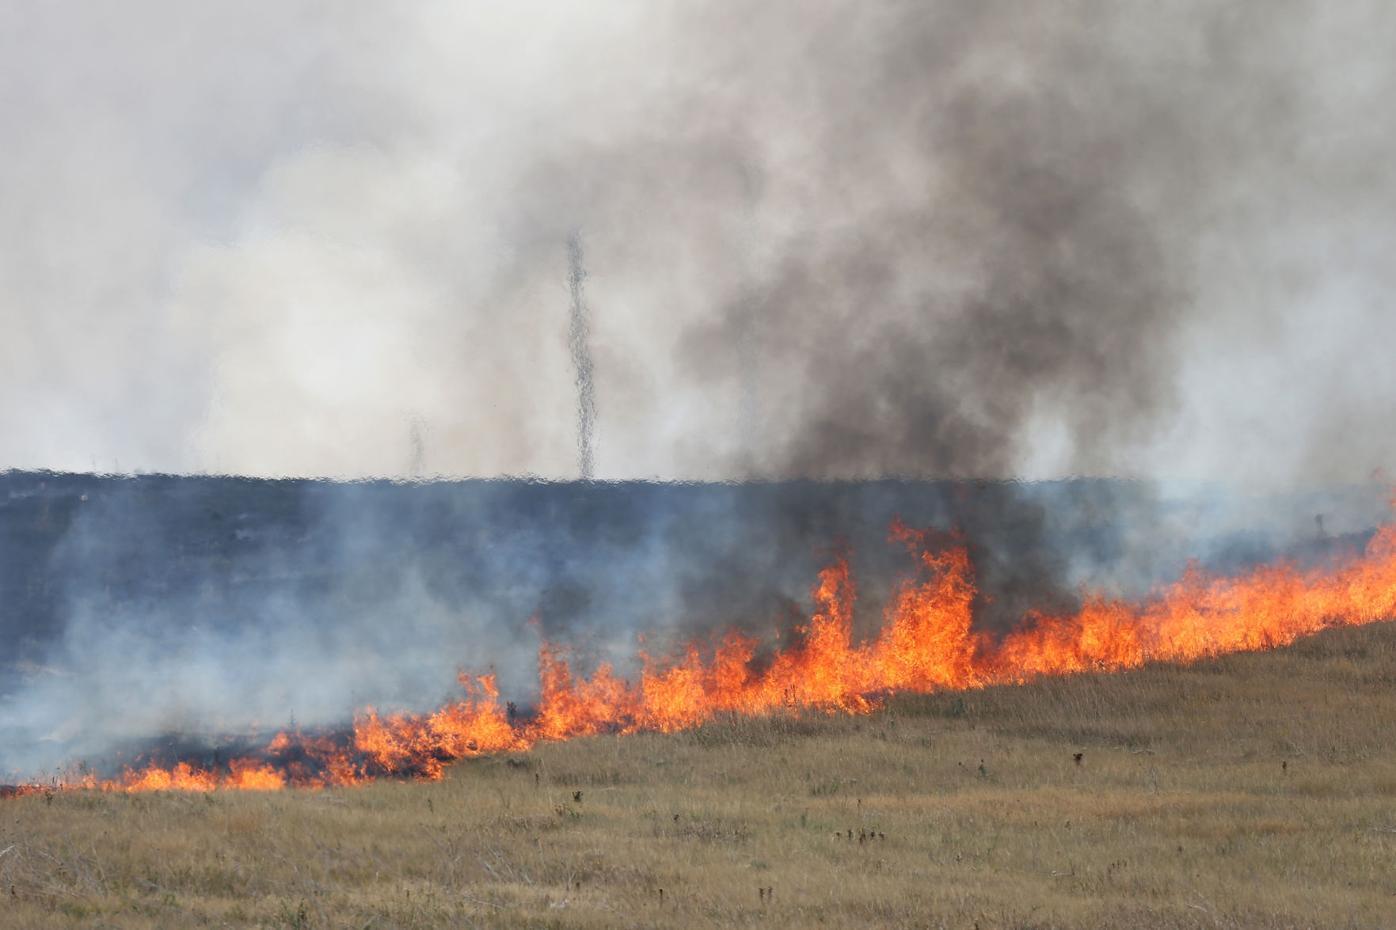 20200821-news-brushfire-mc-3.JPG